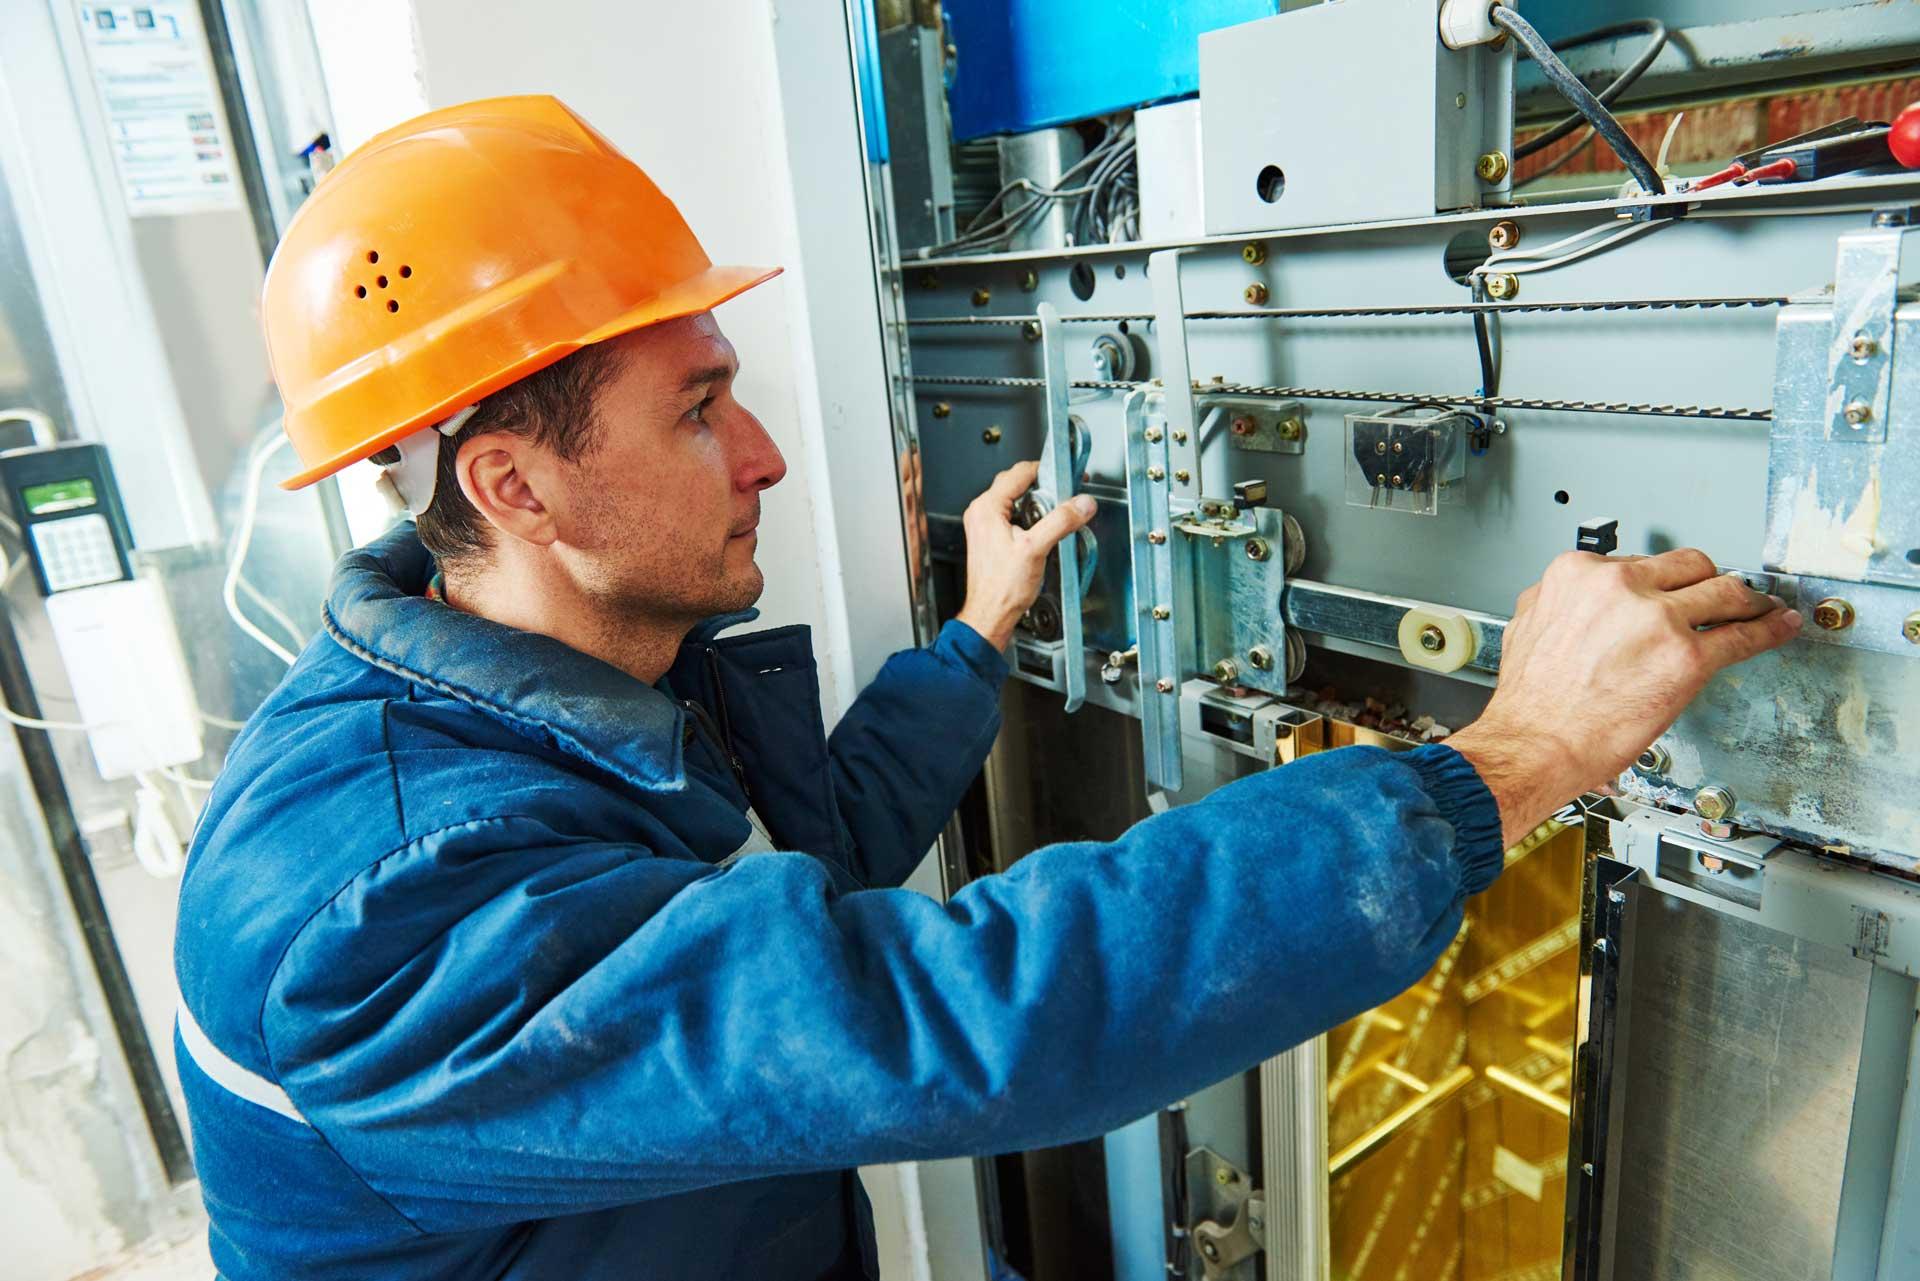 tecnico durante manutenzione ascensore